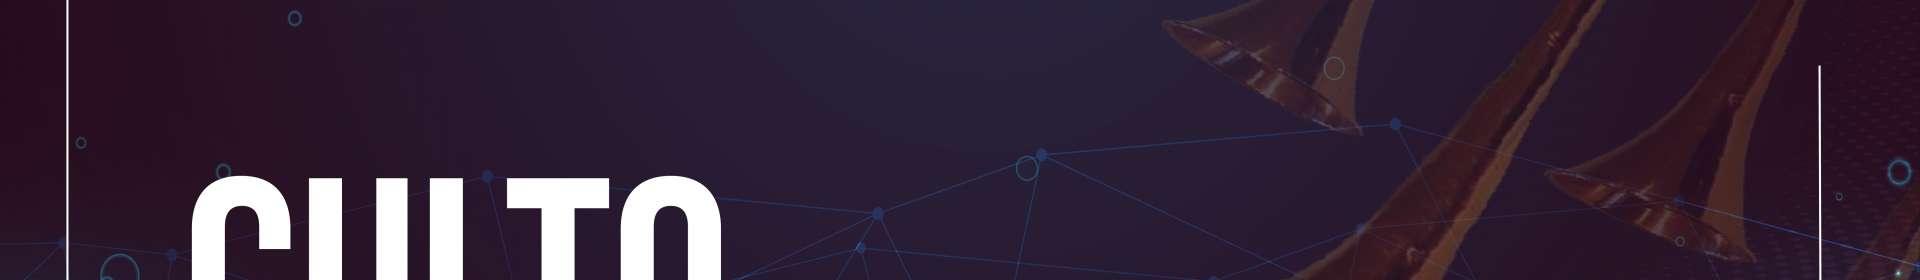 Culto via satélite exibido em 05/11/2019